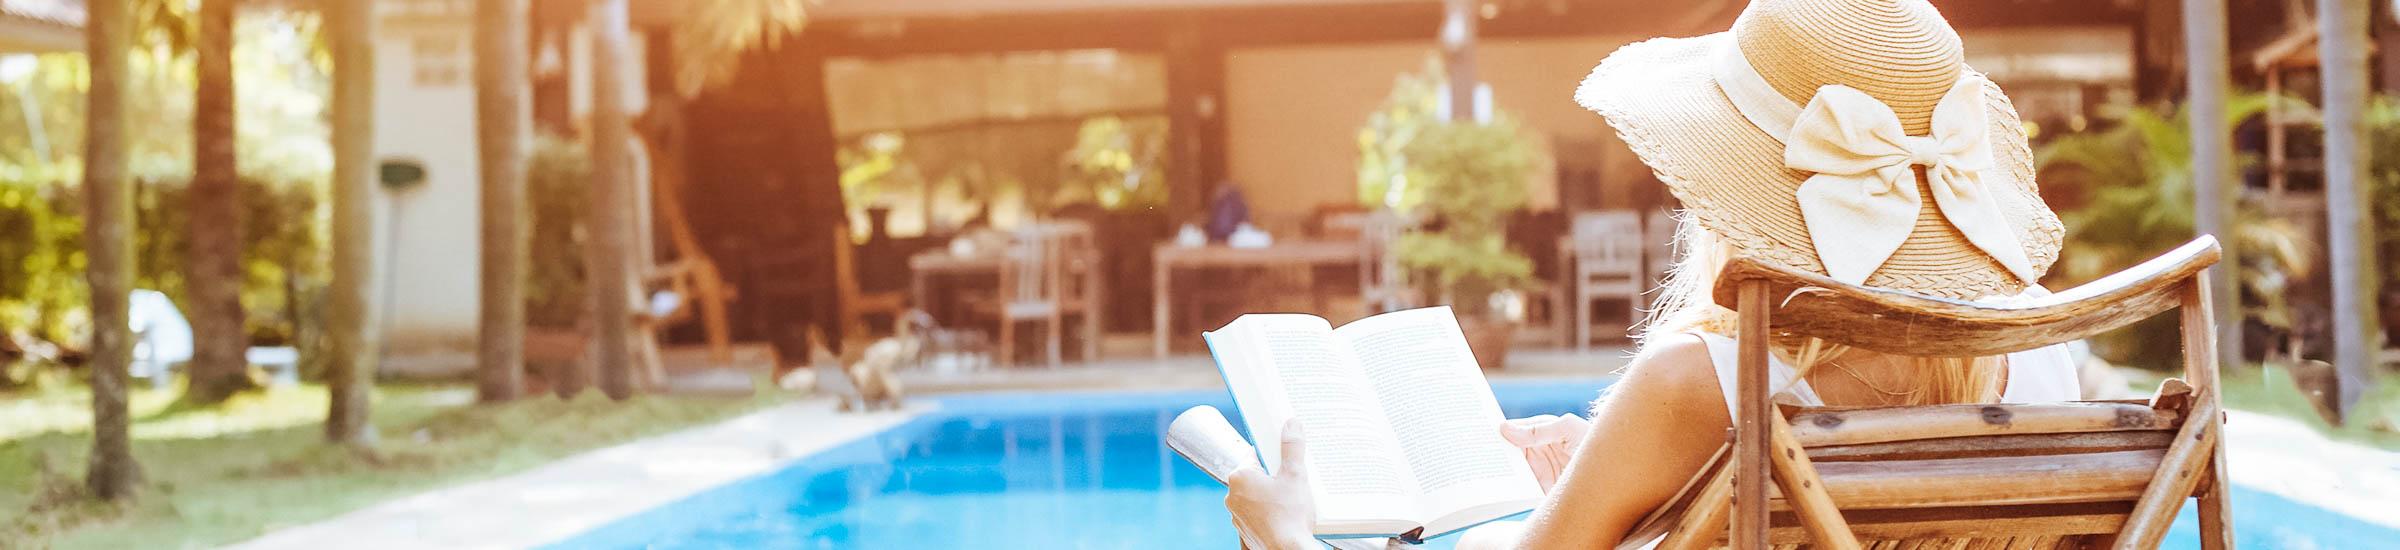 Frau liest Buch am Pool mit Ferienhaus im Hintergrund